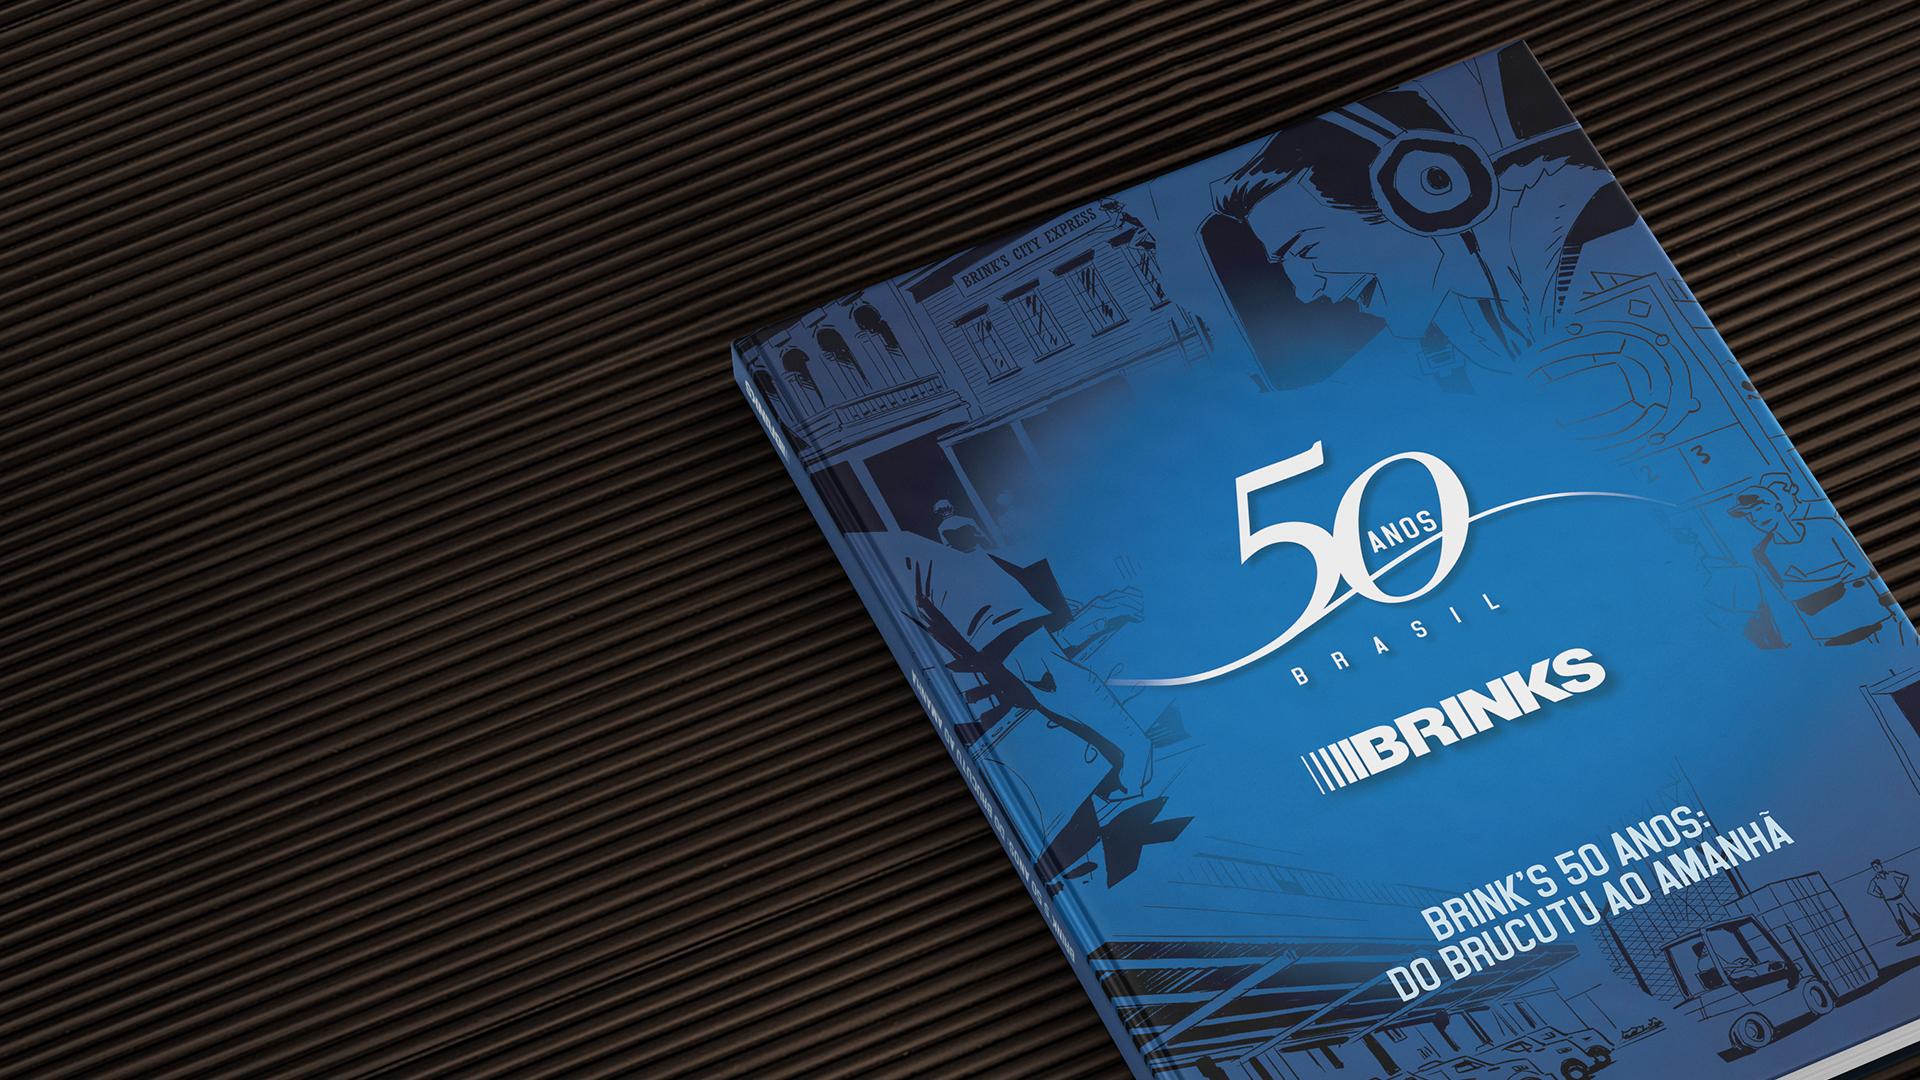 Brink's 50 anos - Do brucutu ao amanhã